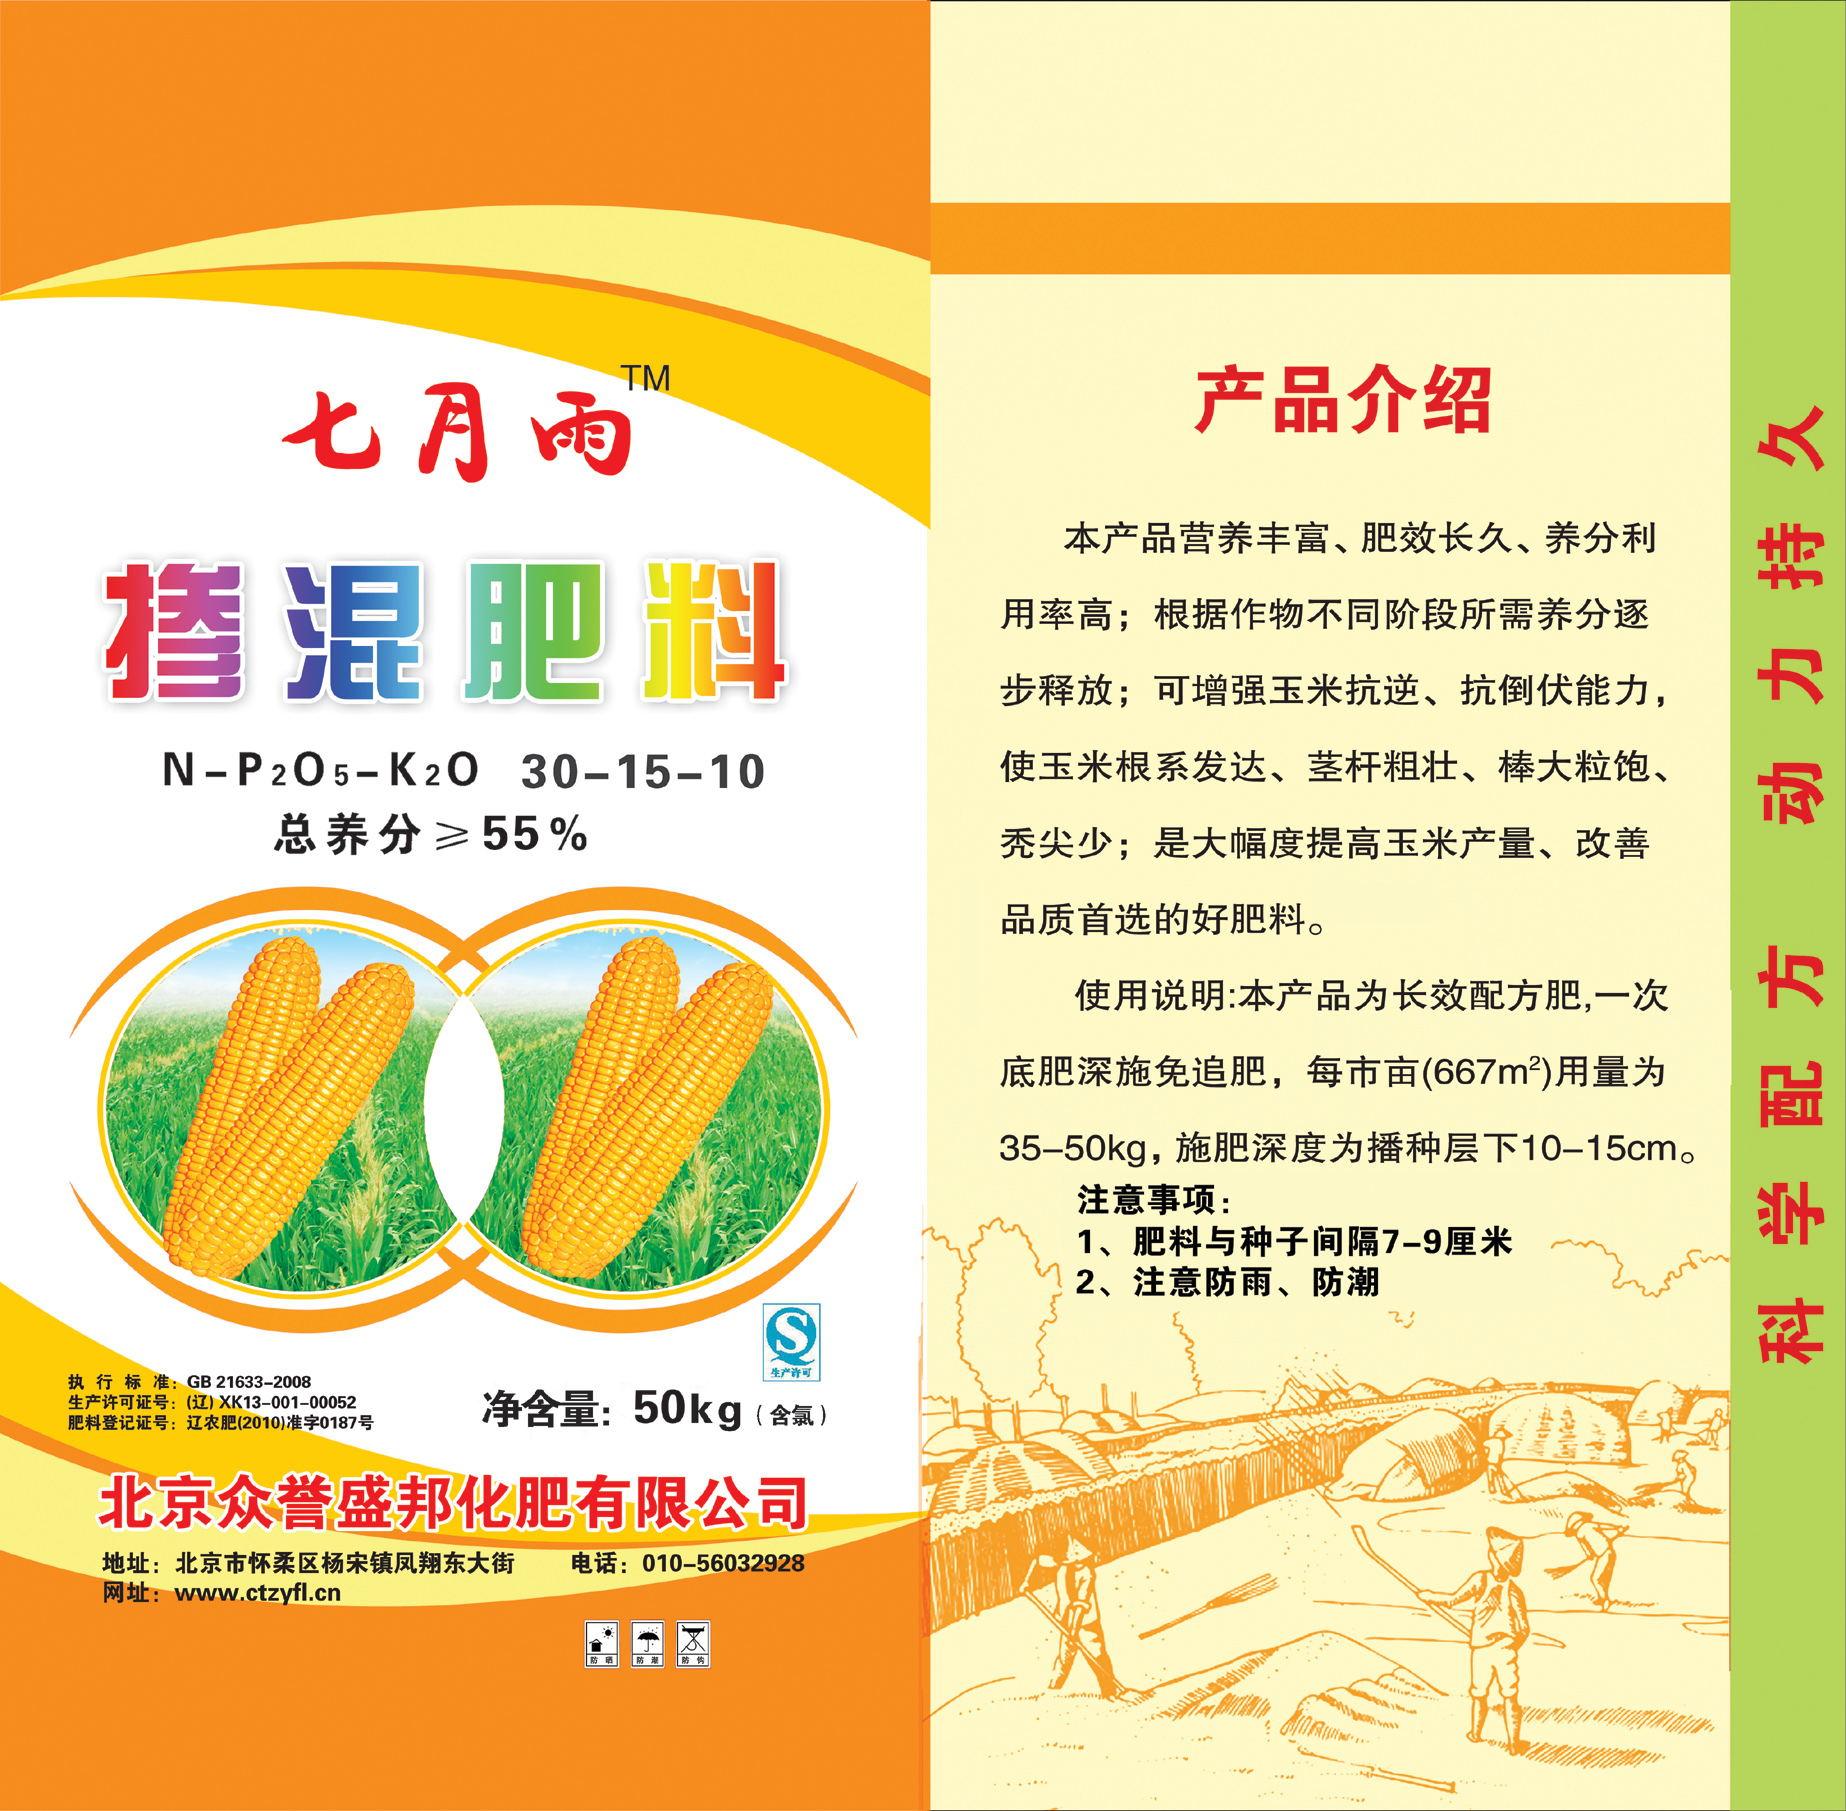 七月雨掺混肥料 包膜缓释 北京众誉盛邦化肥有限公司 50kg(55%)